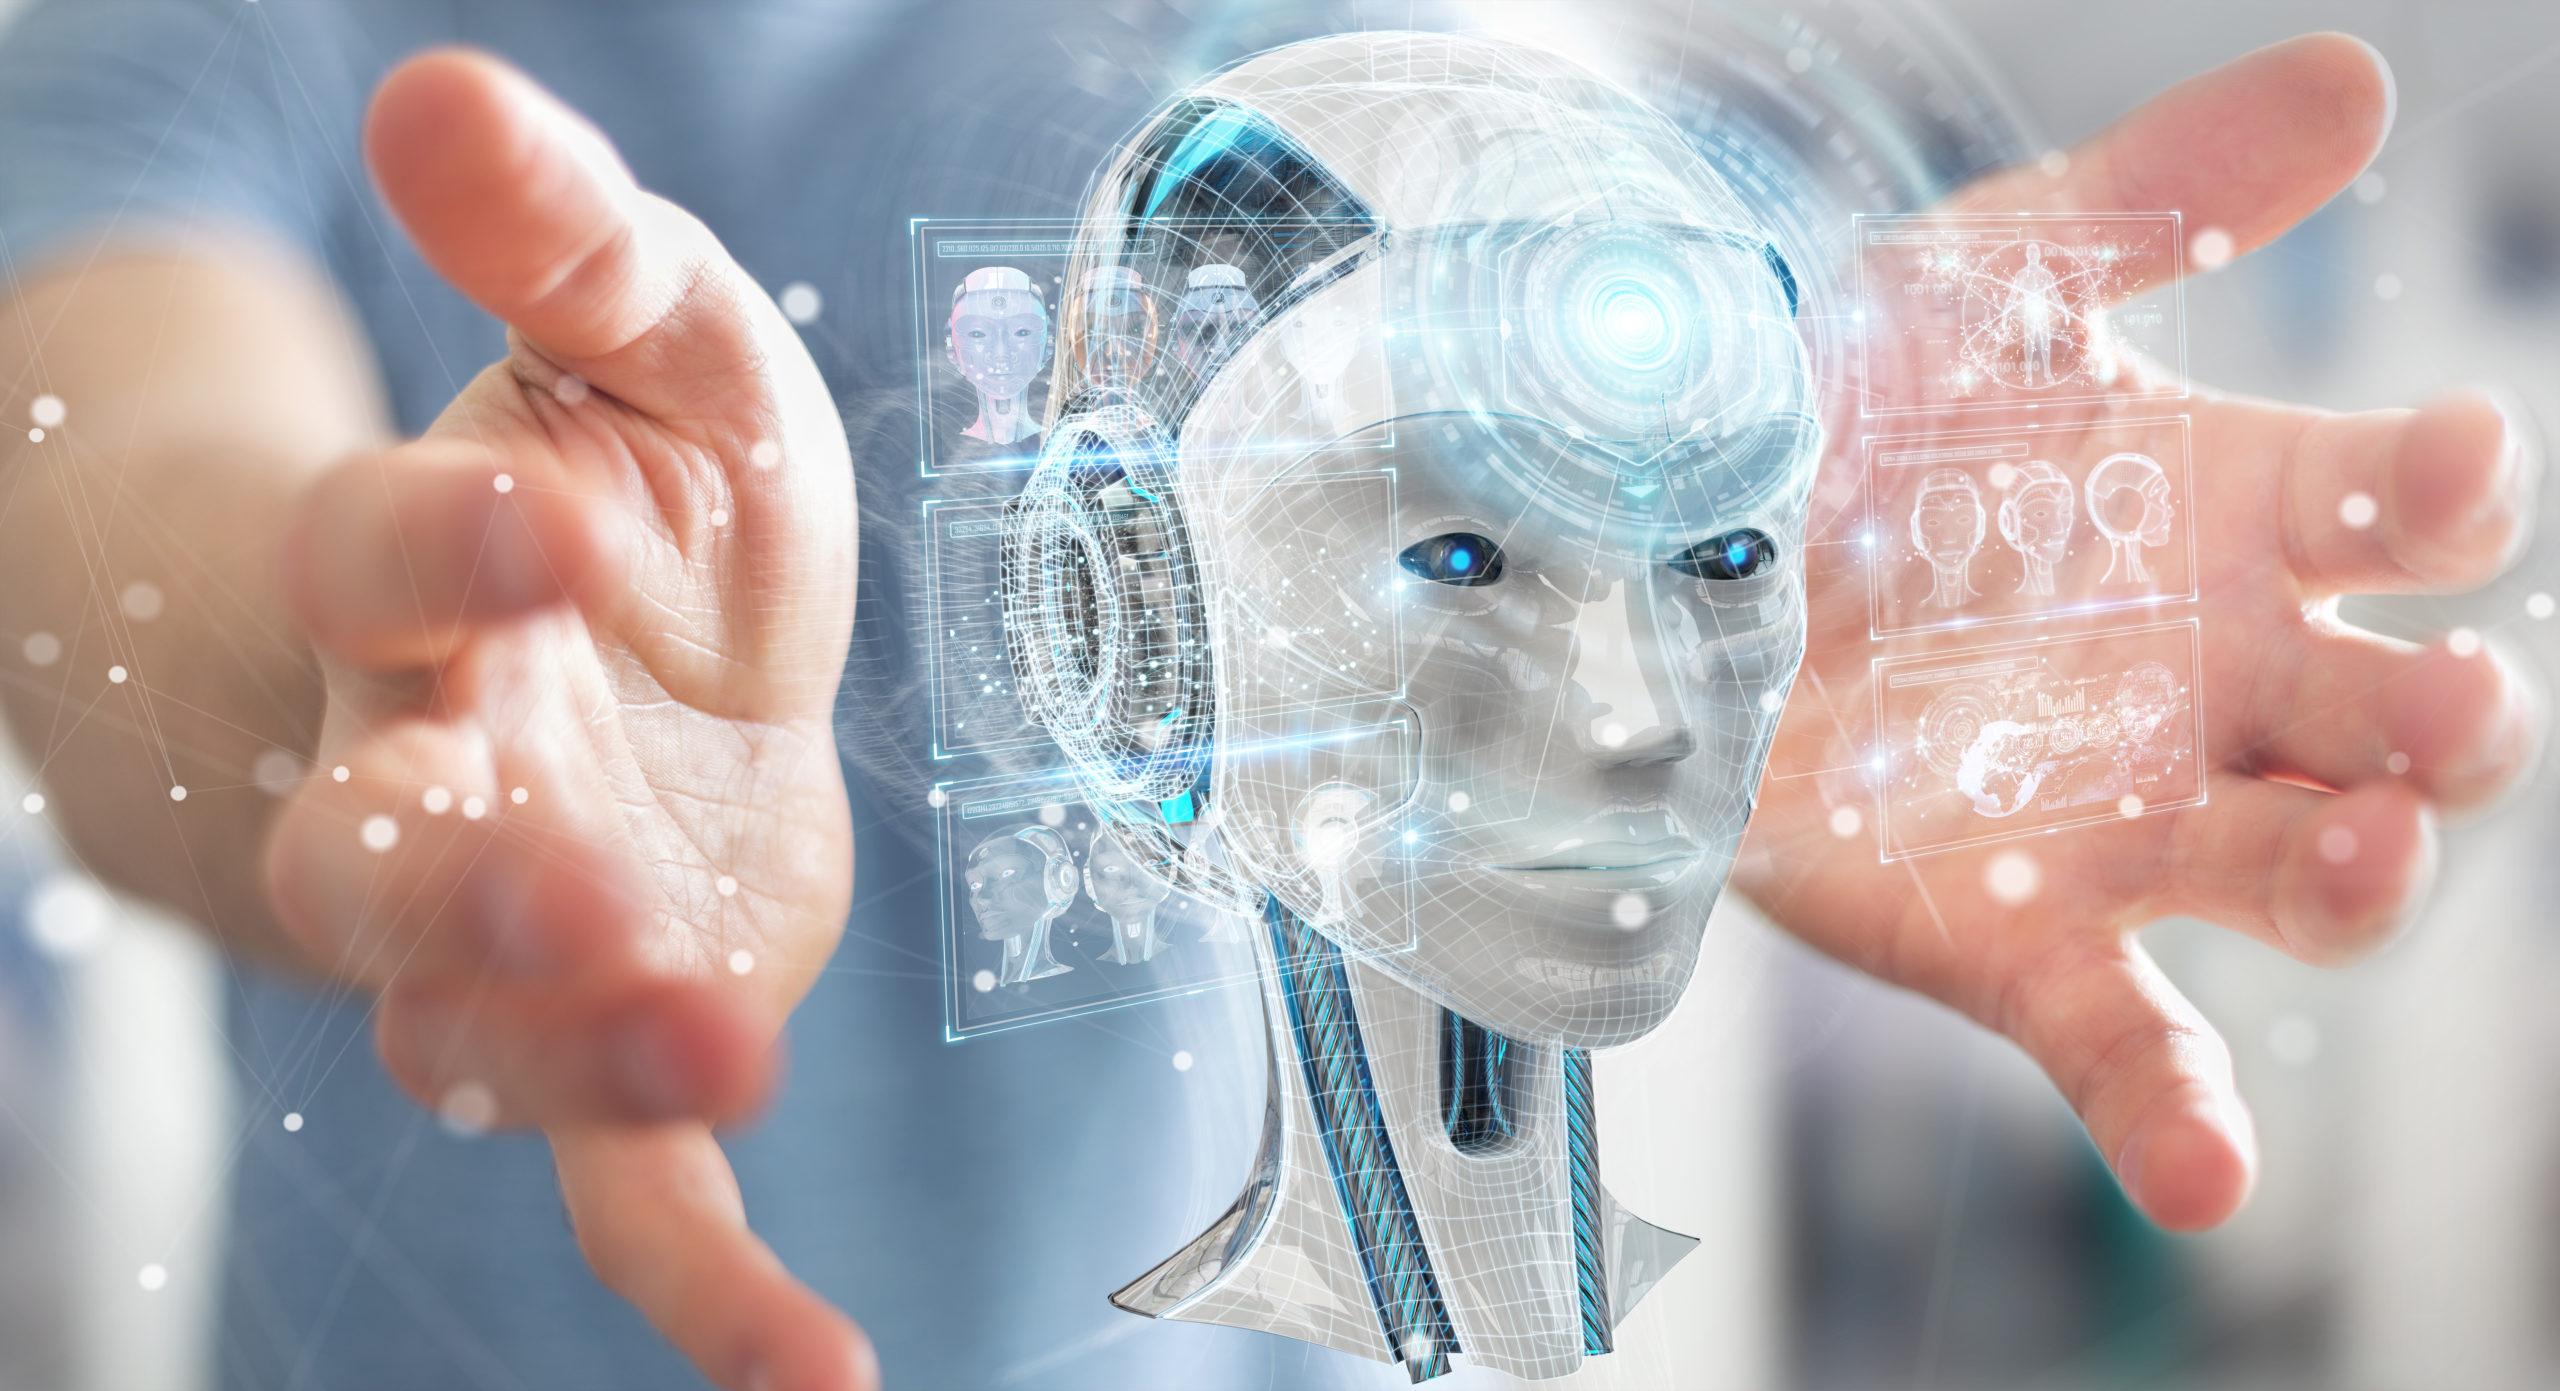 Améliorer la performance par l'usage de l'intelligence artificielle.